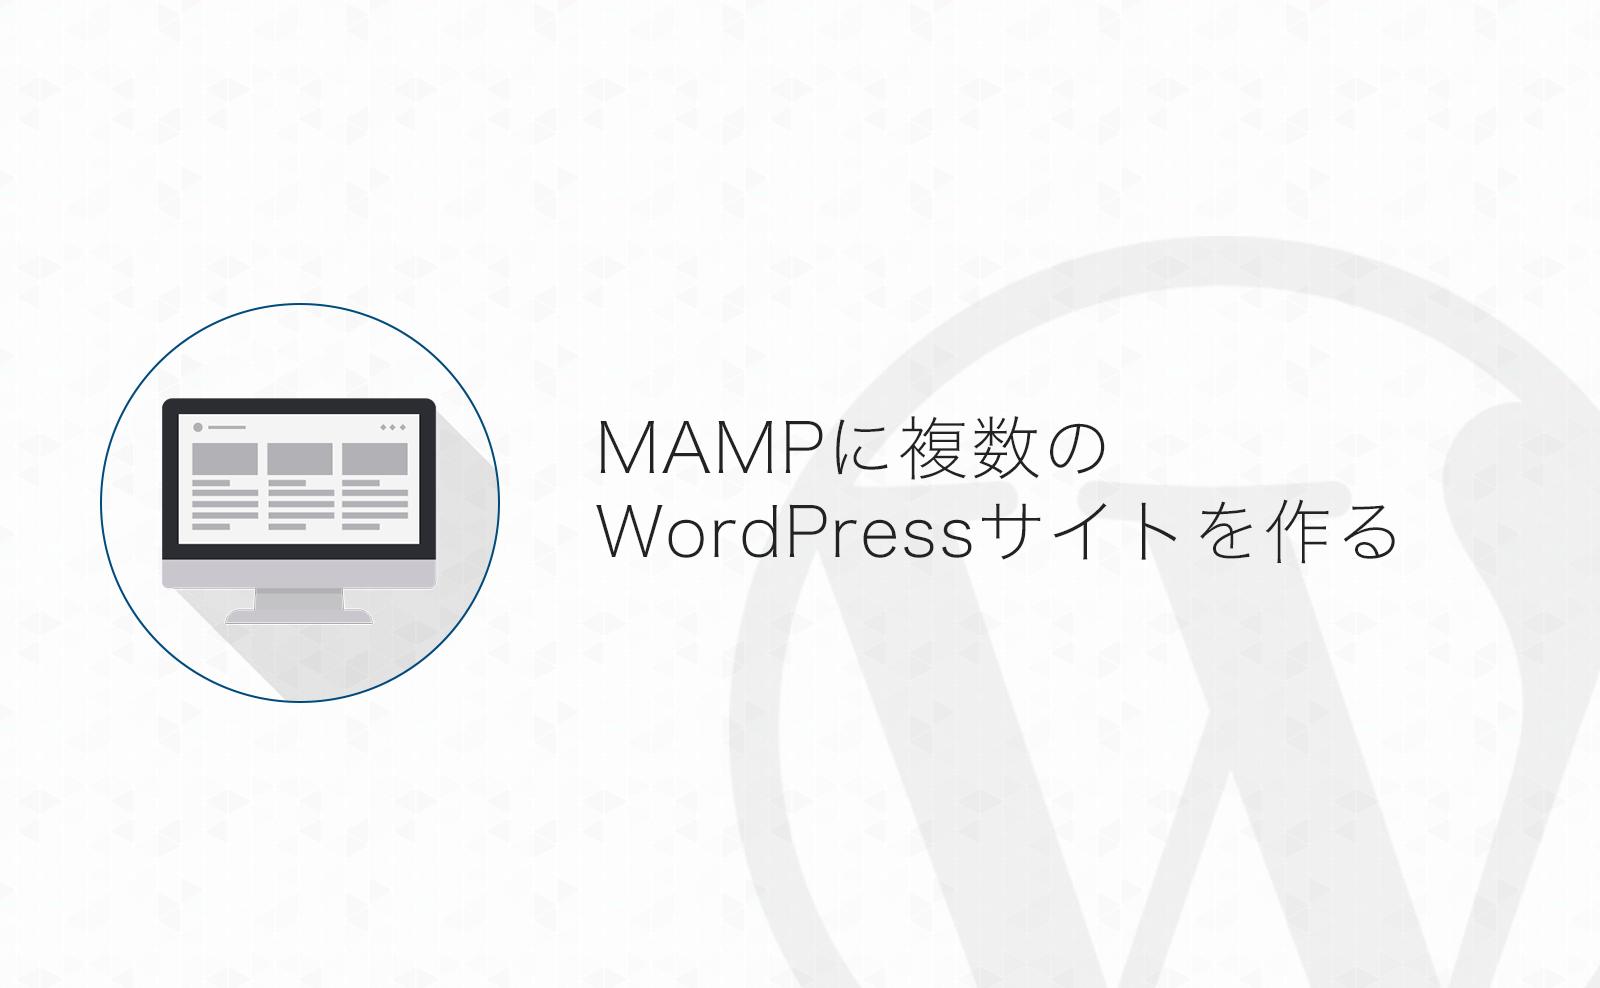 MAMPで複数のWordPress開発環境を簡単に作る方法